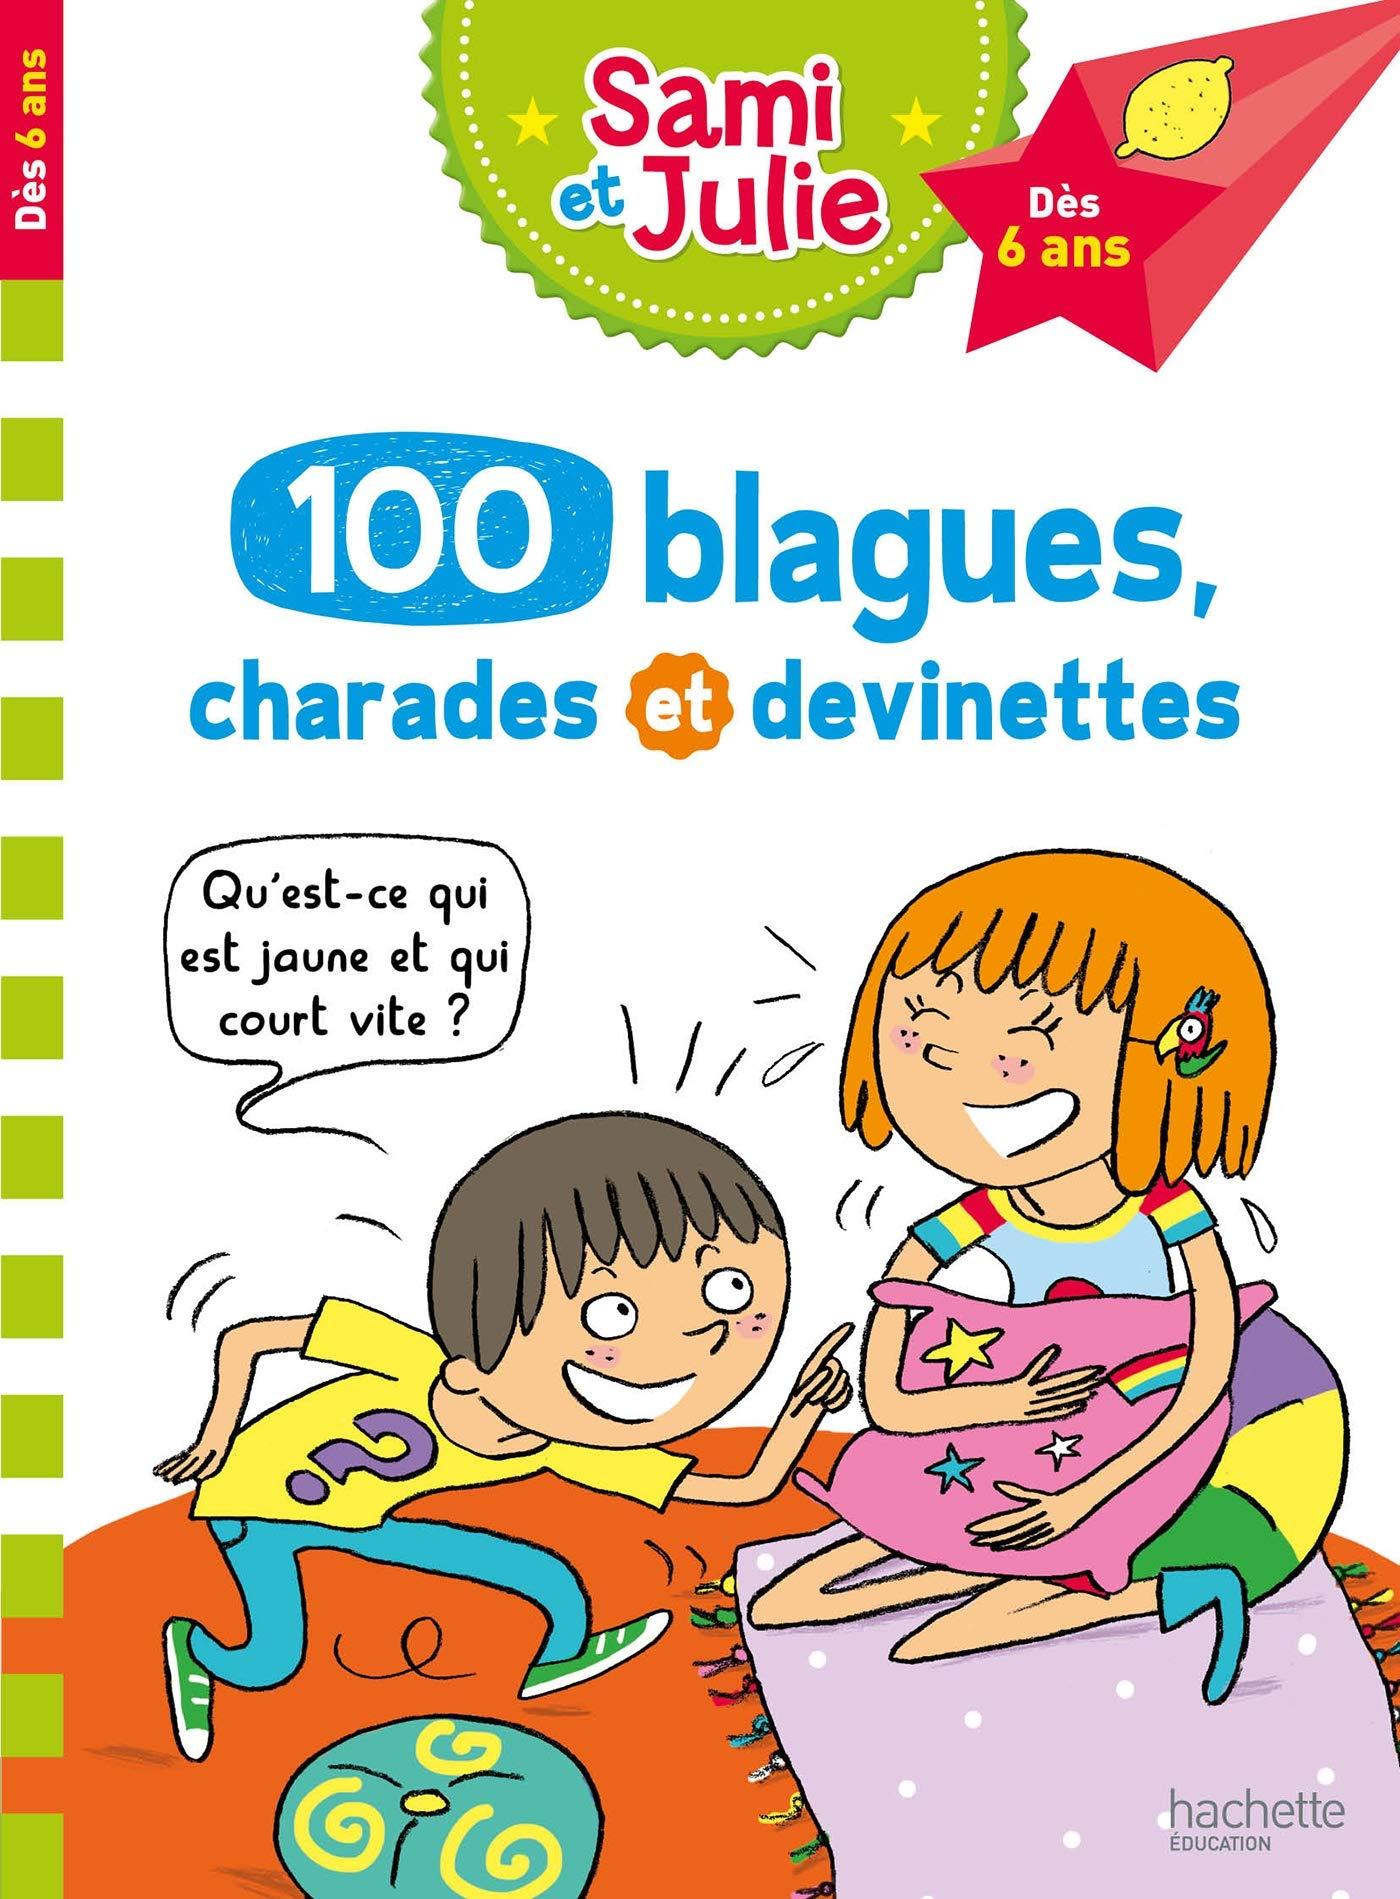 100 blagues, charades et devinettes de Sami et Julie Broché – 3 octobre 2018 Sandra Lebrun Thérèse Bonté Hachette Éducation 2017069760